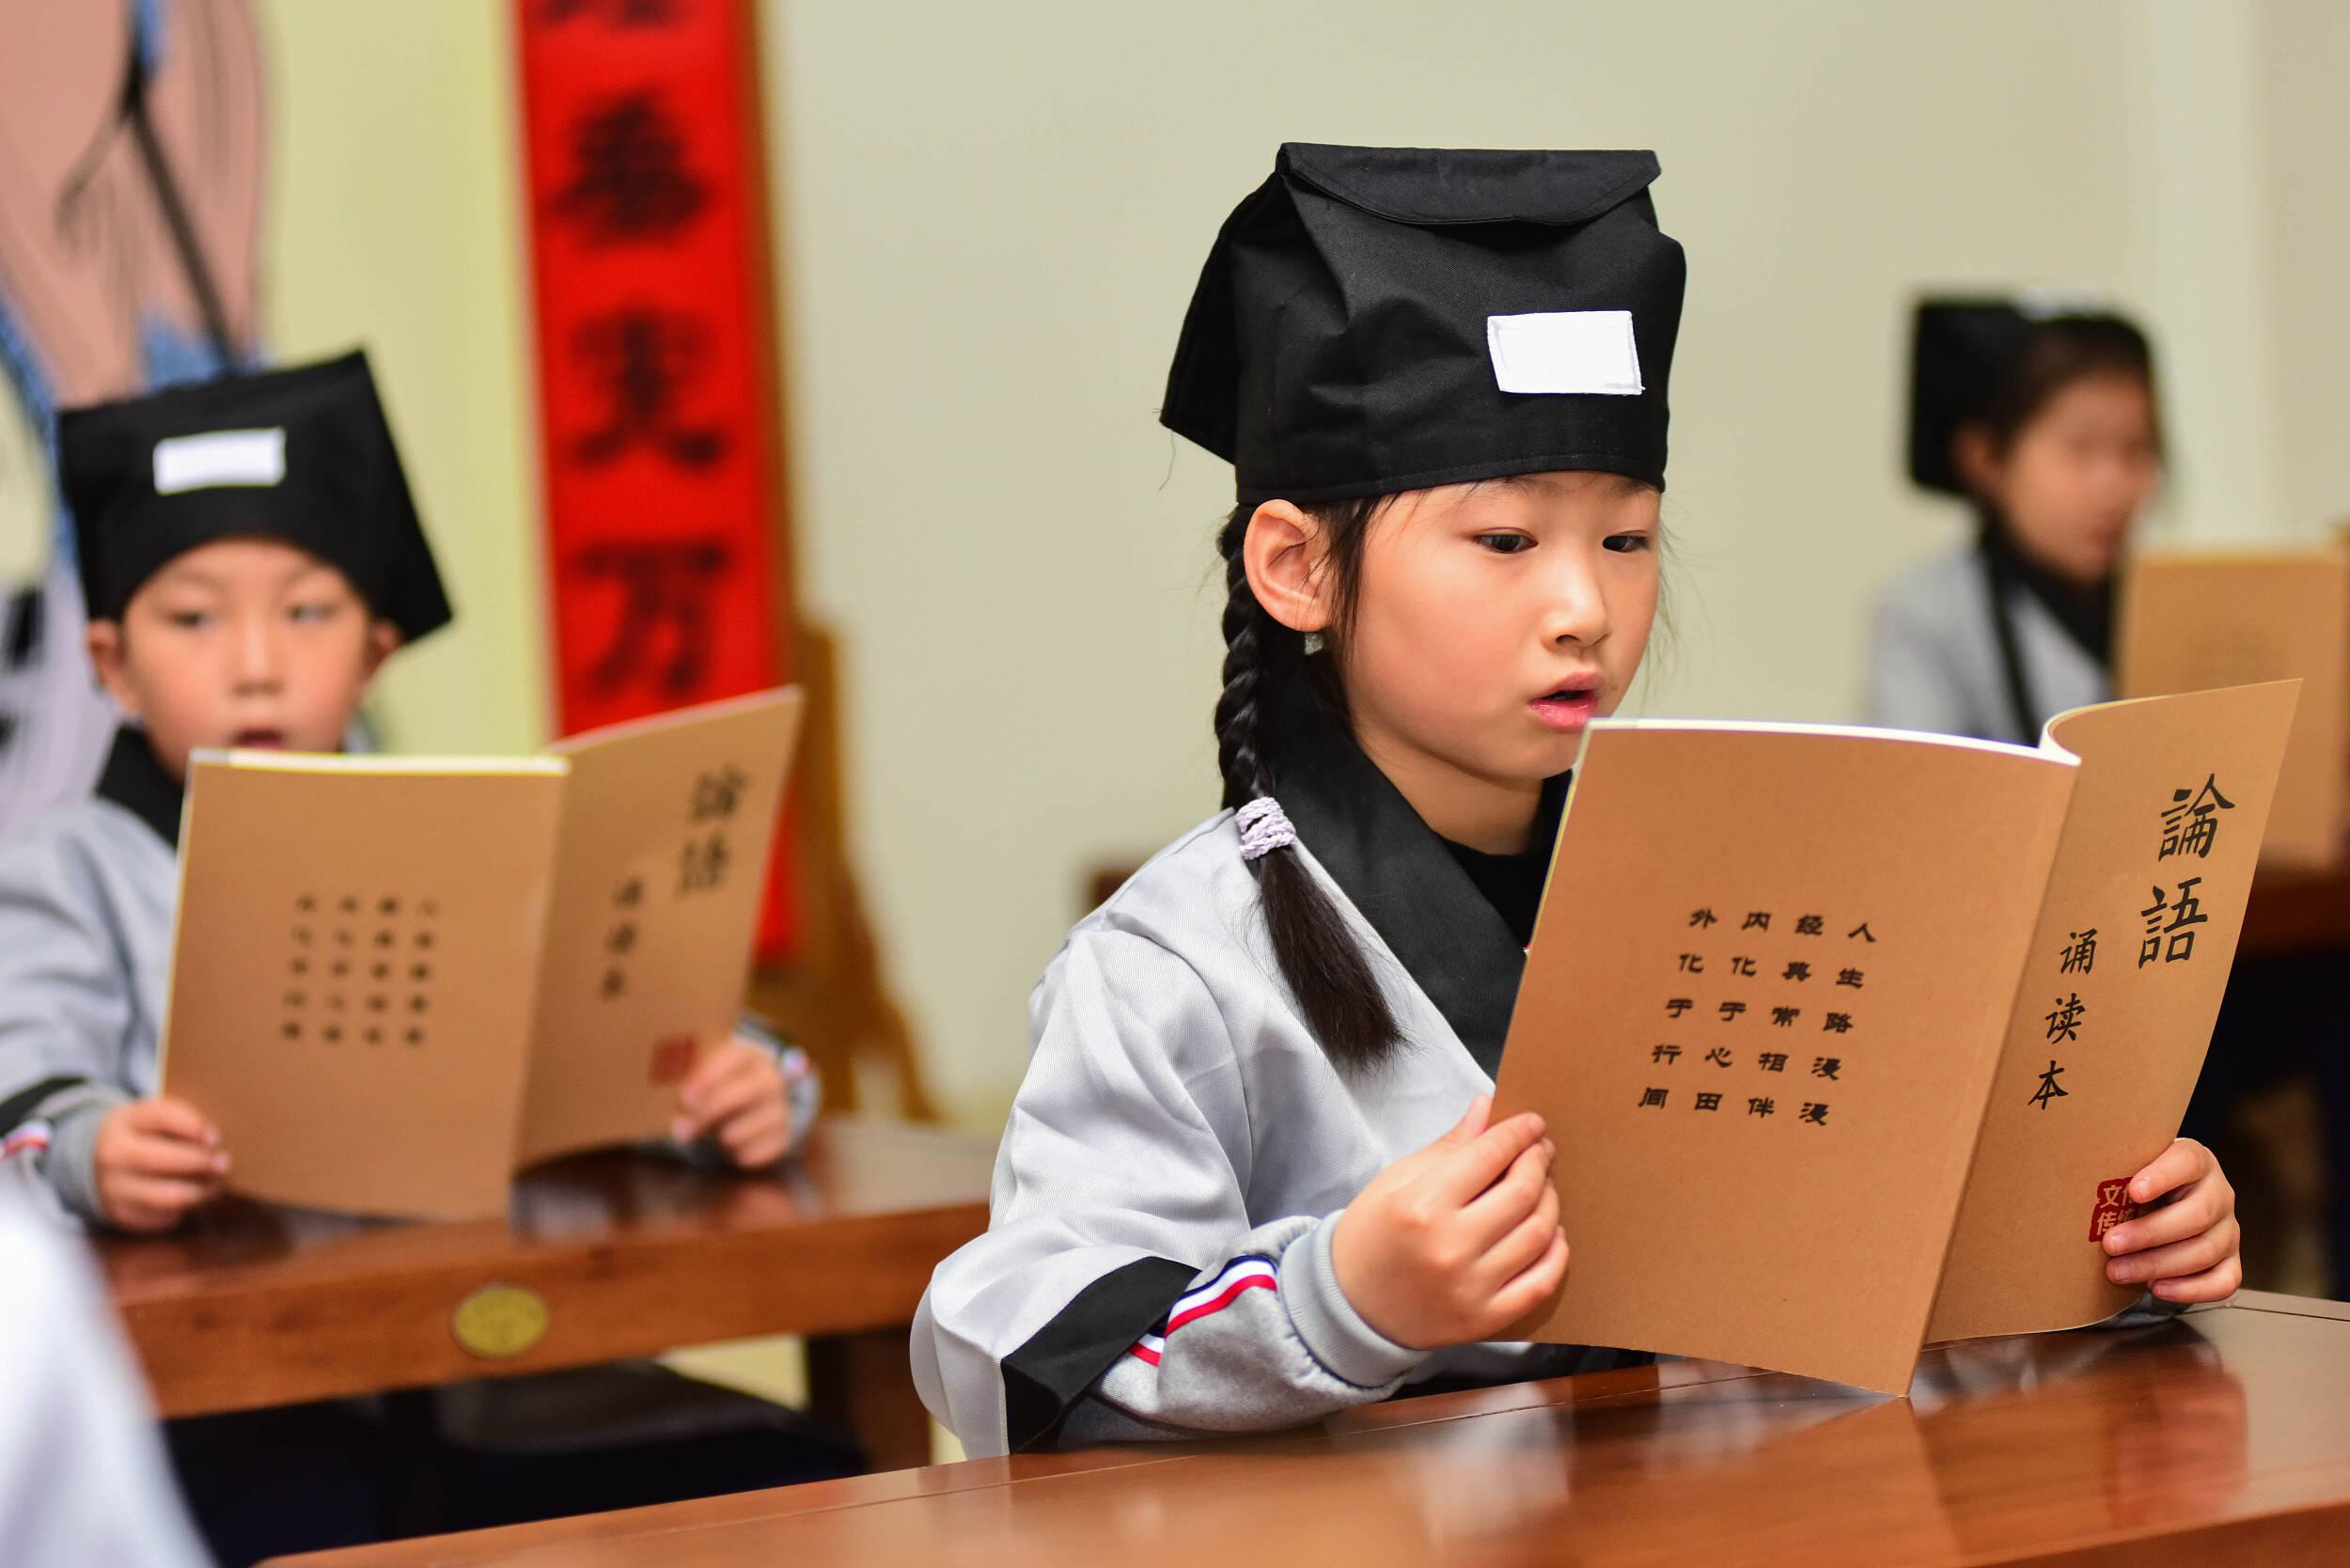 """从《典籍里的中国》中感悟""""增强做中国人的骨气和底气""""丨闪电评论"""